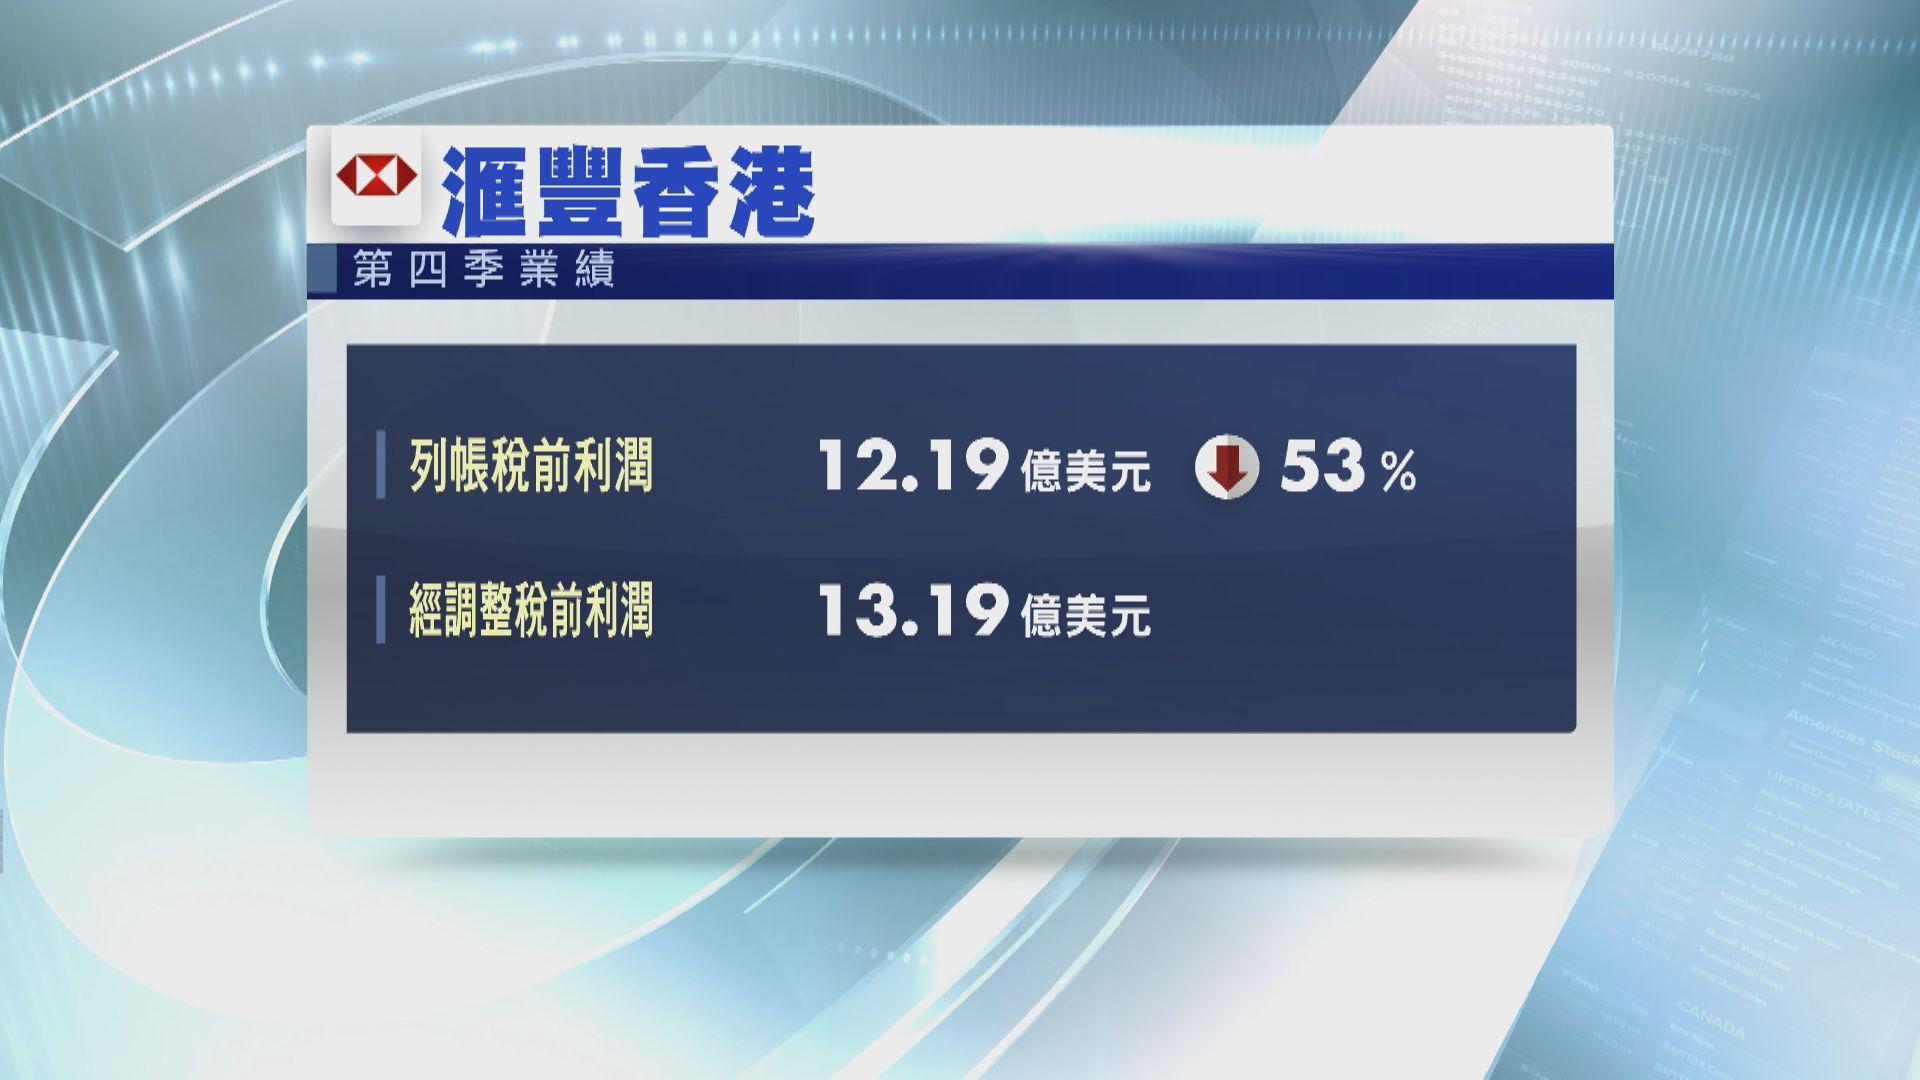 滙豐香港上季稅前利潤跌53%